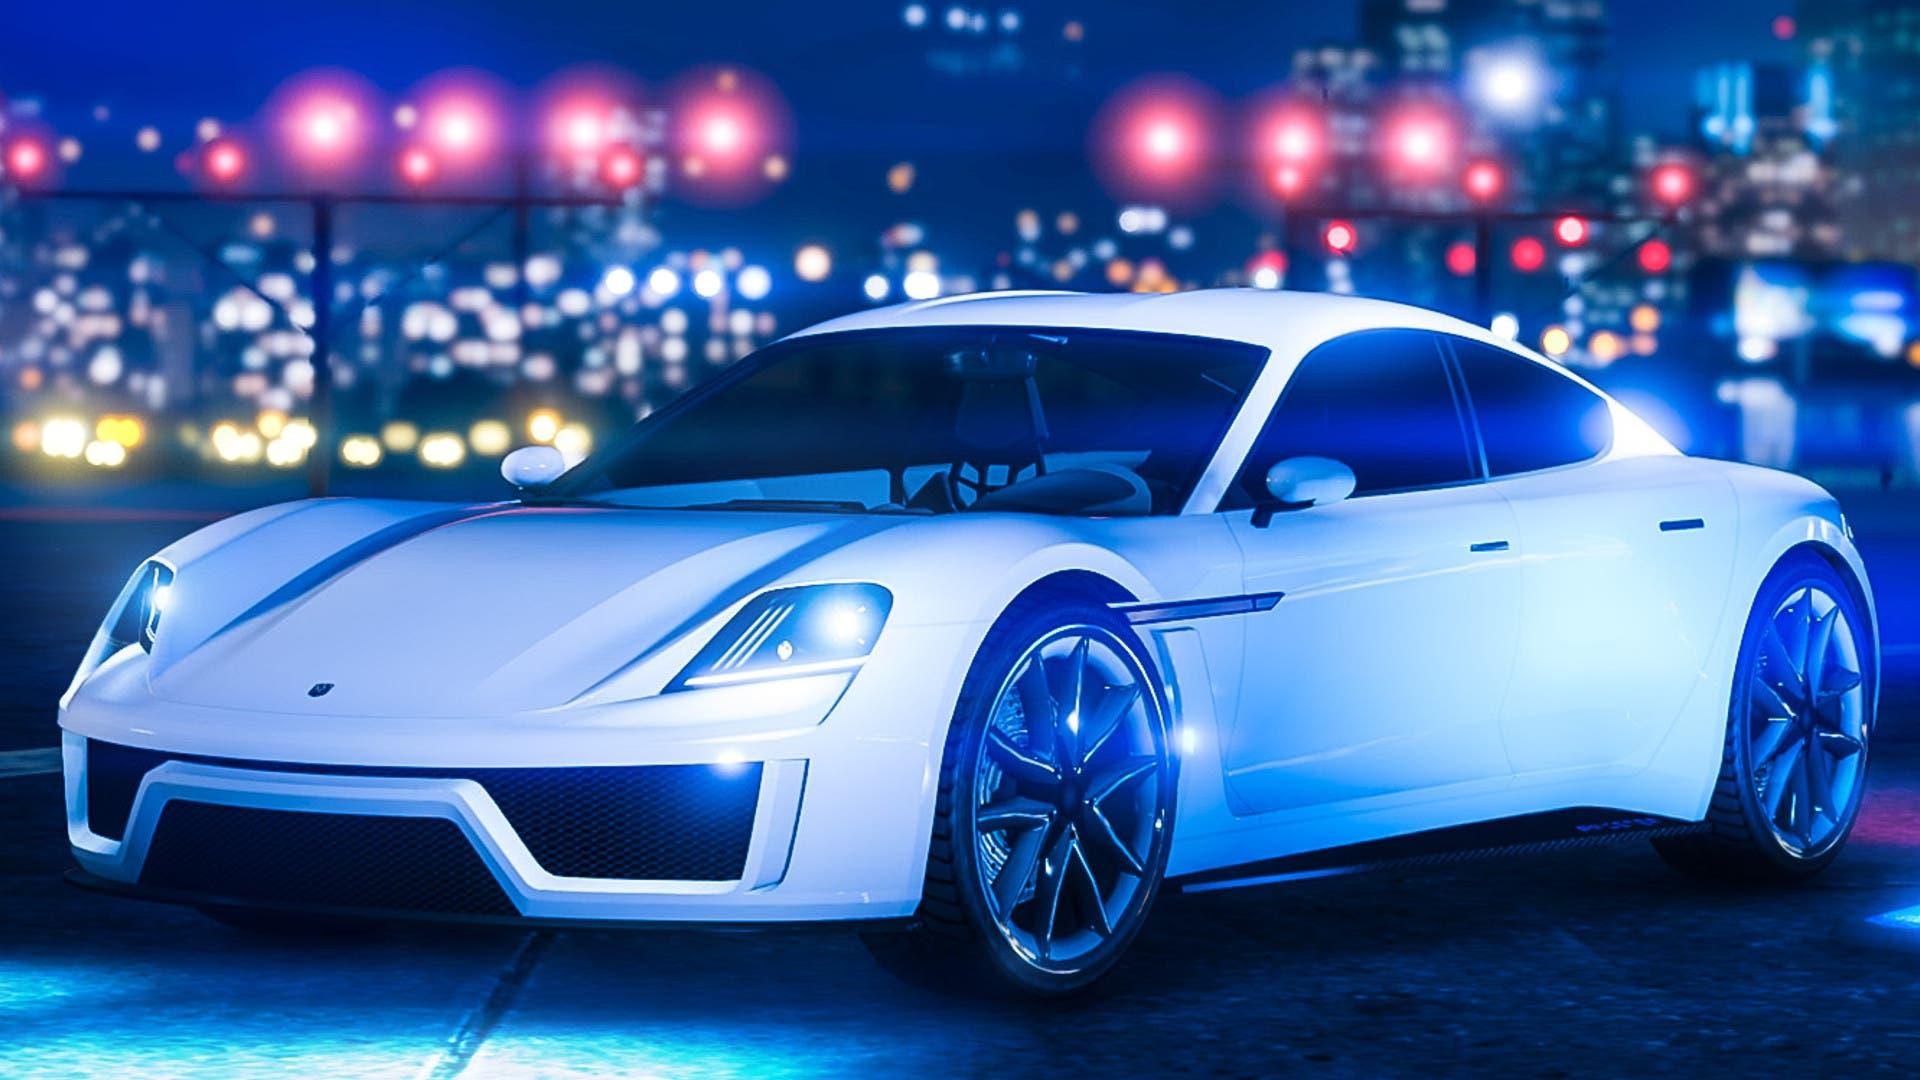 Imagen de El Pfister Neon y el modo Hardest Target llegan a GTA Online